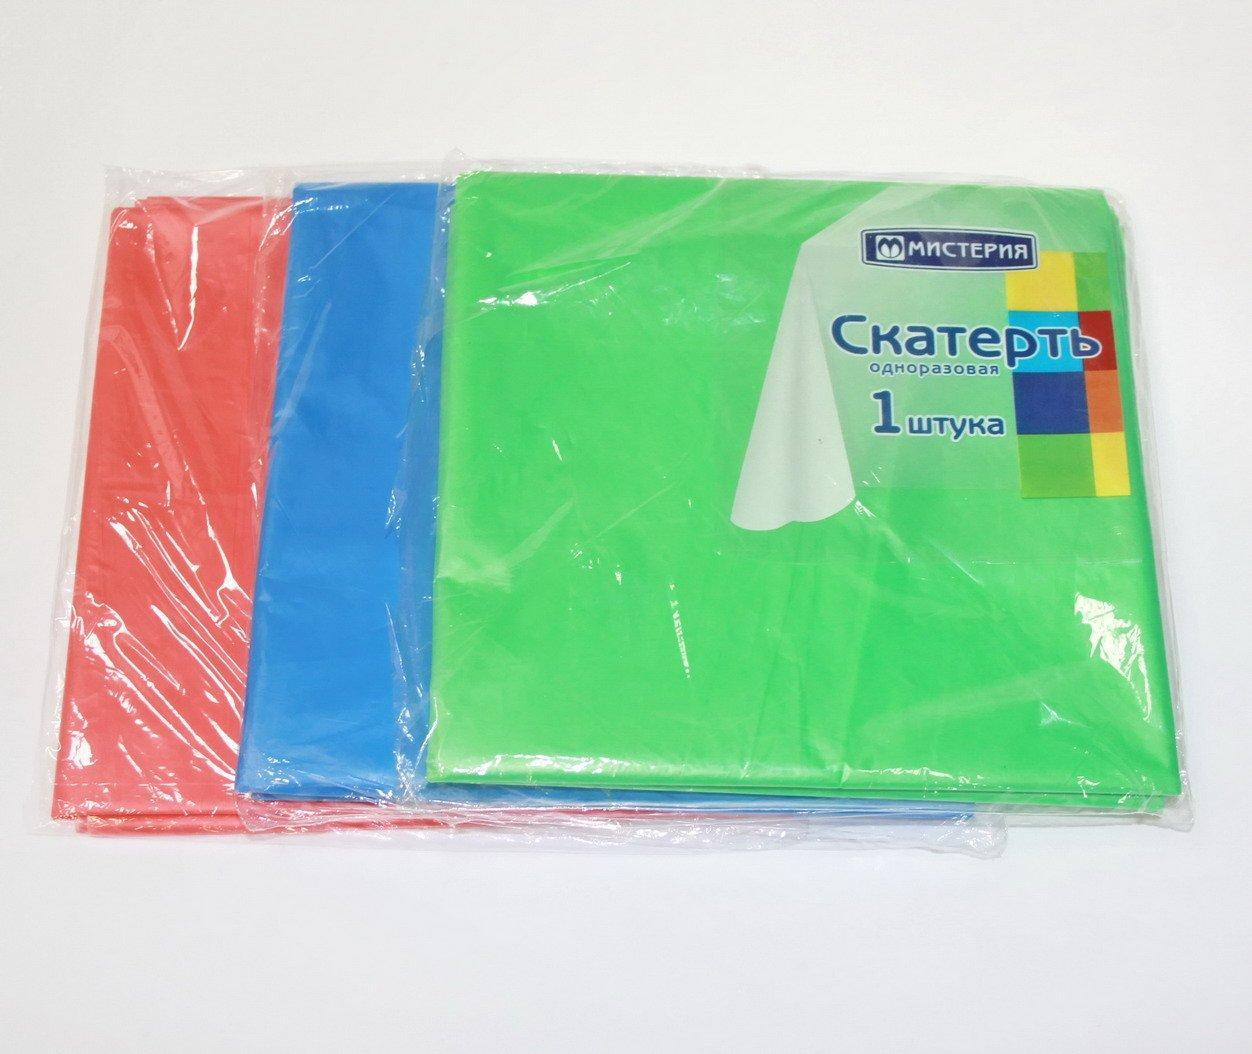 Скатерть 120х150см однотонная цвет в ассортименте, ПЭ